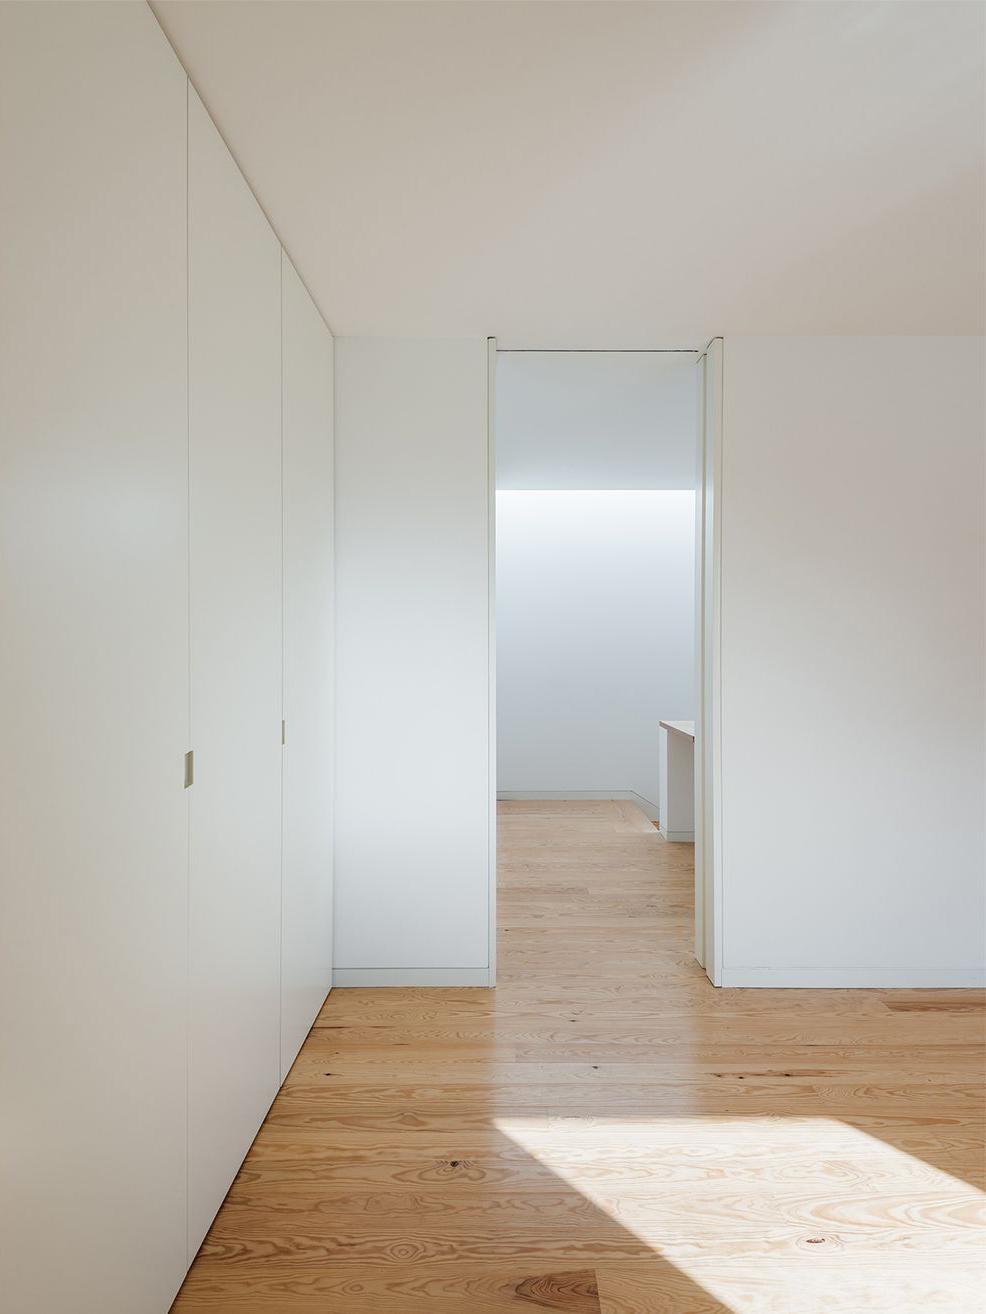 casa-preguicosas-19